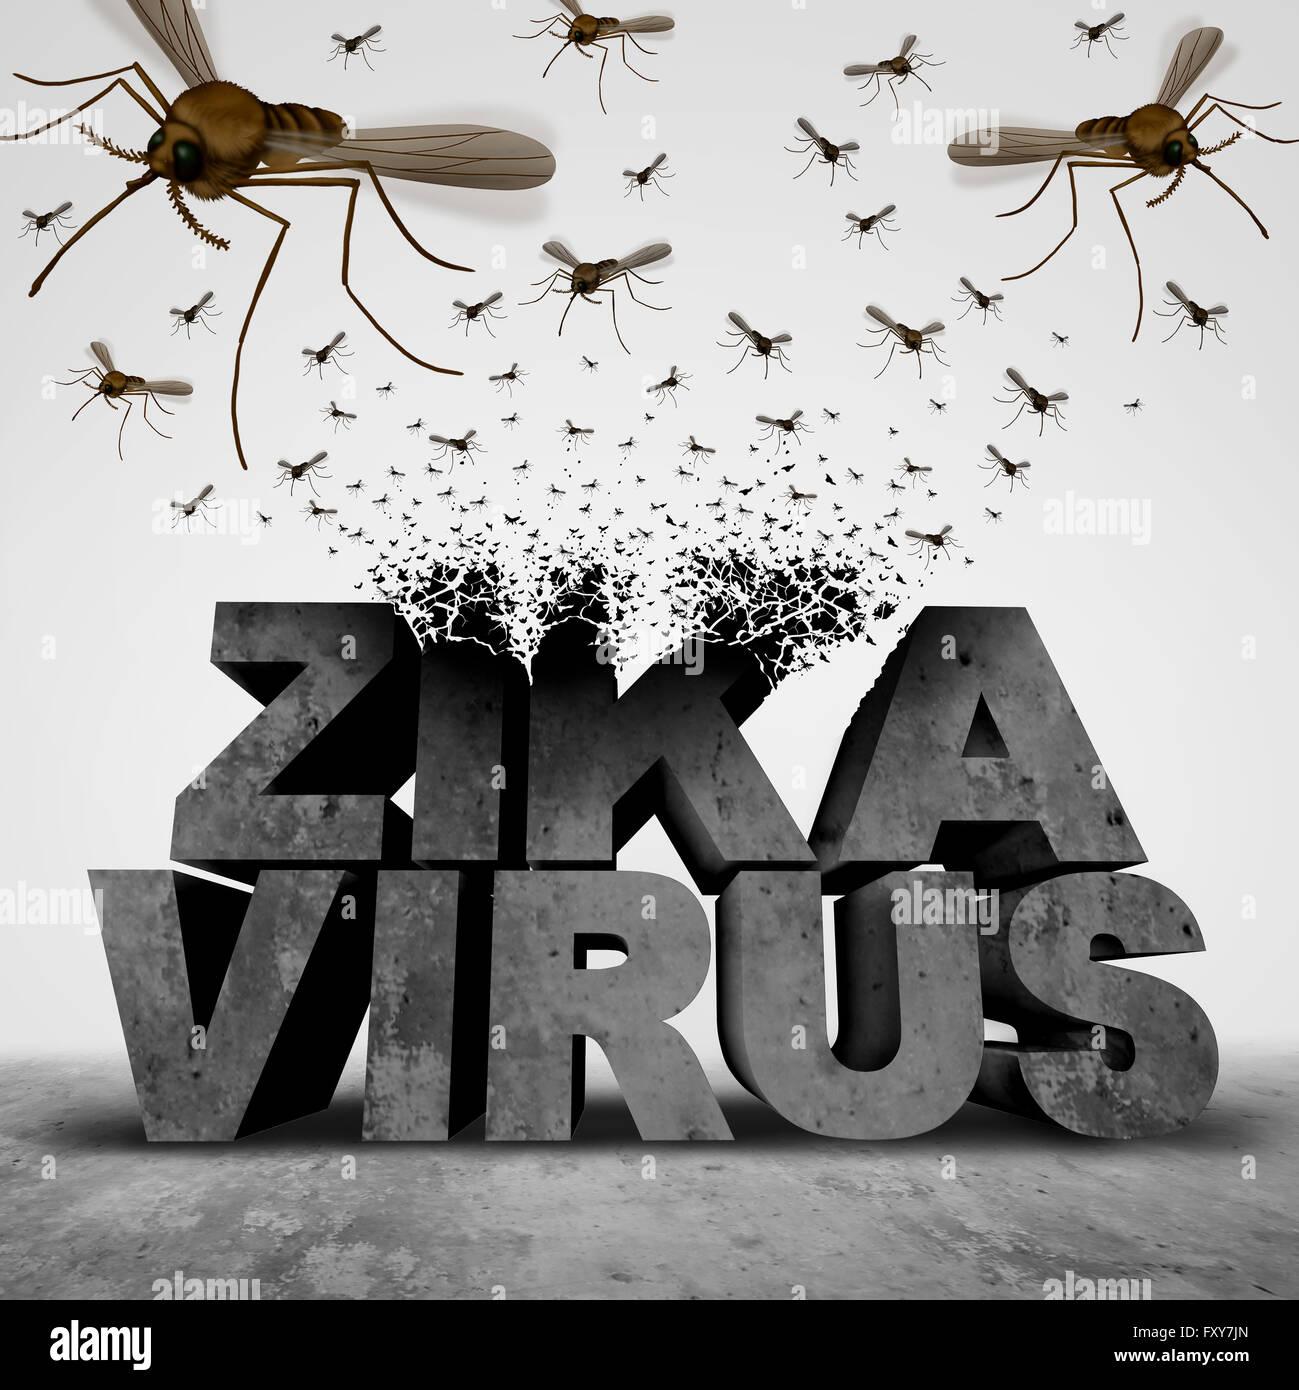 Zika Virus Gefahr Konzept als eine 3D-Illustration Text Umwandlung zu einer Gruppe von Schwärmen infektiöse Stockbild